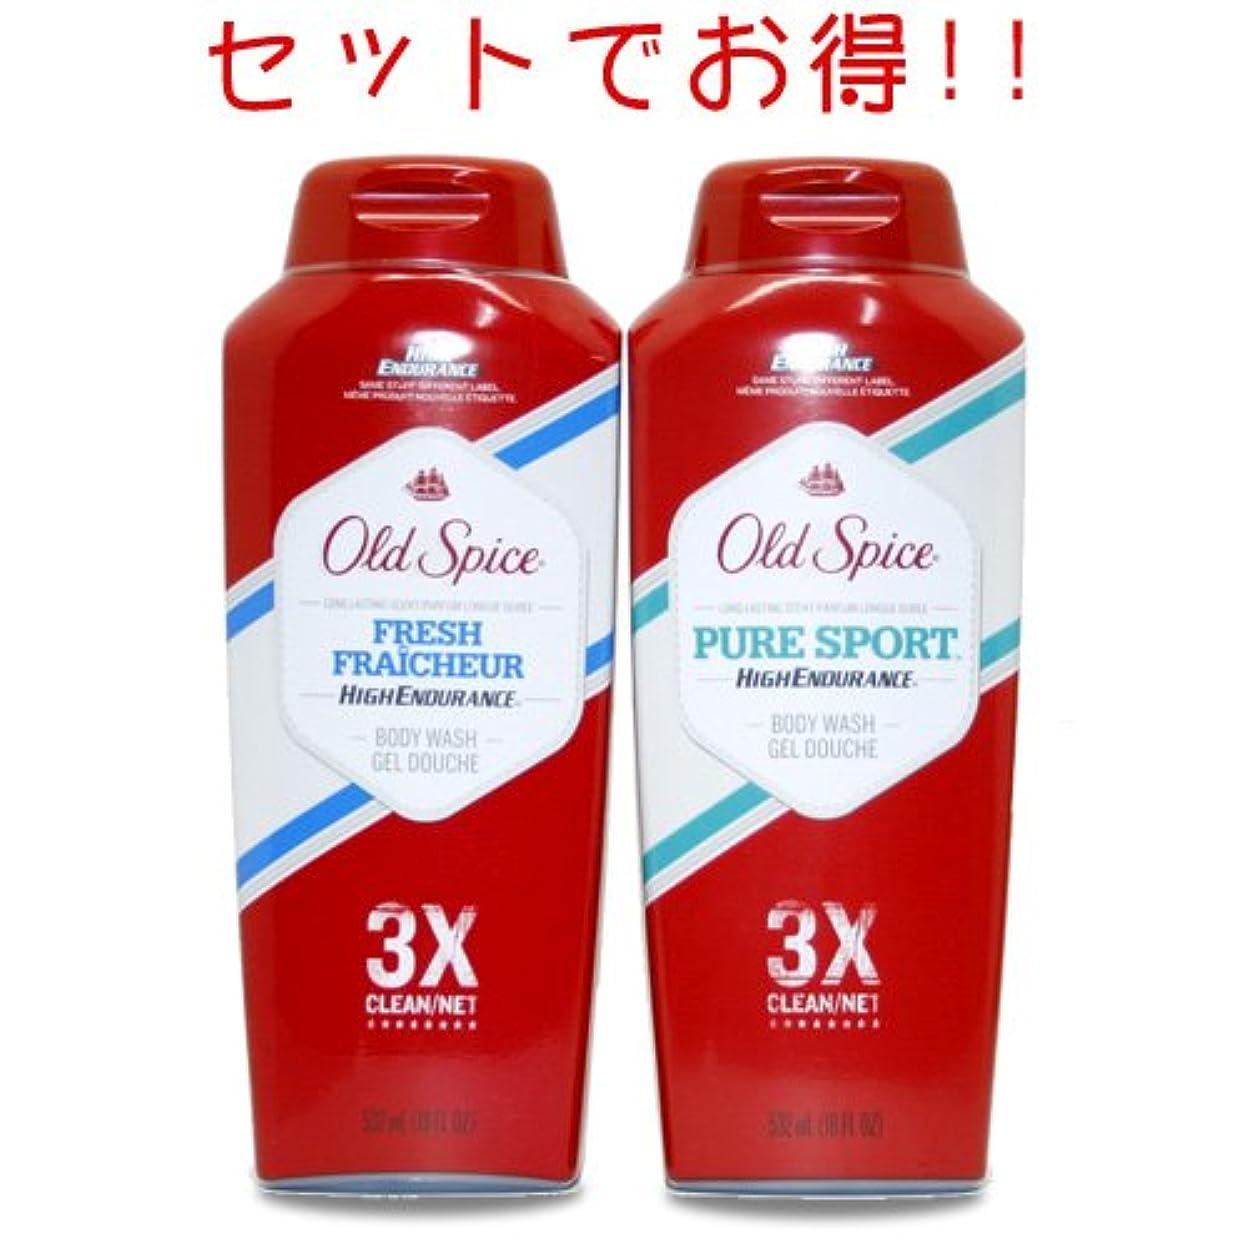 プロトタイプ削るセンサー【Old Spice】オールドスパイス HEボディウォッシュ 532ml お試し2種セット